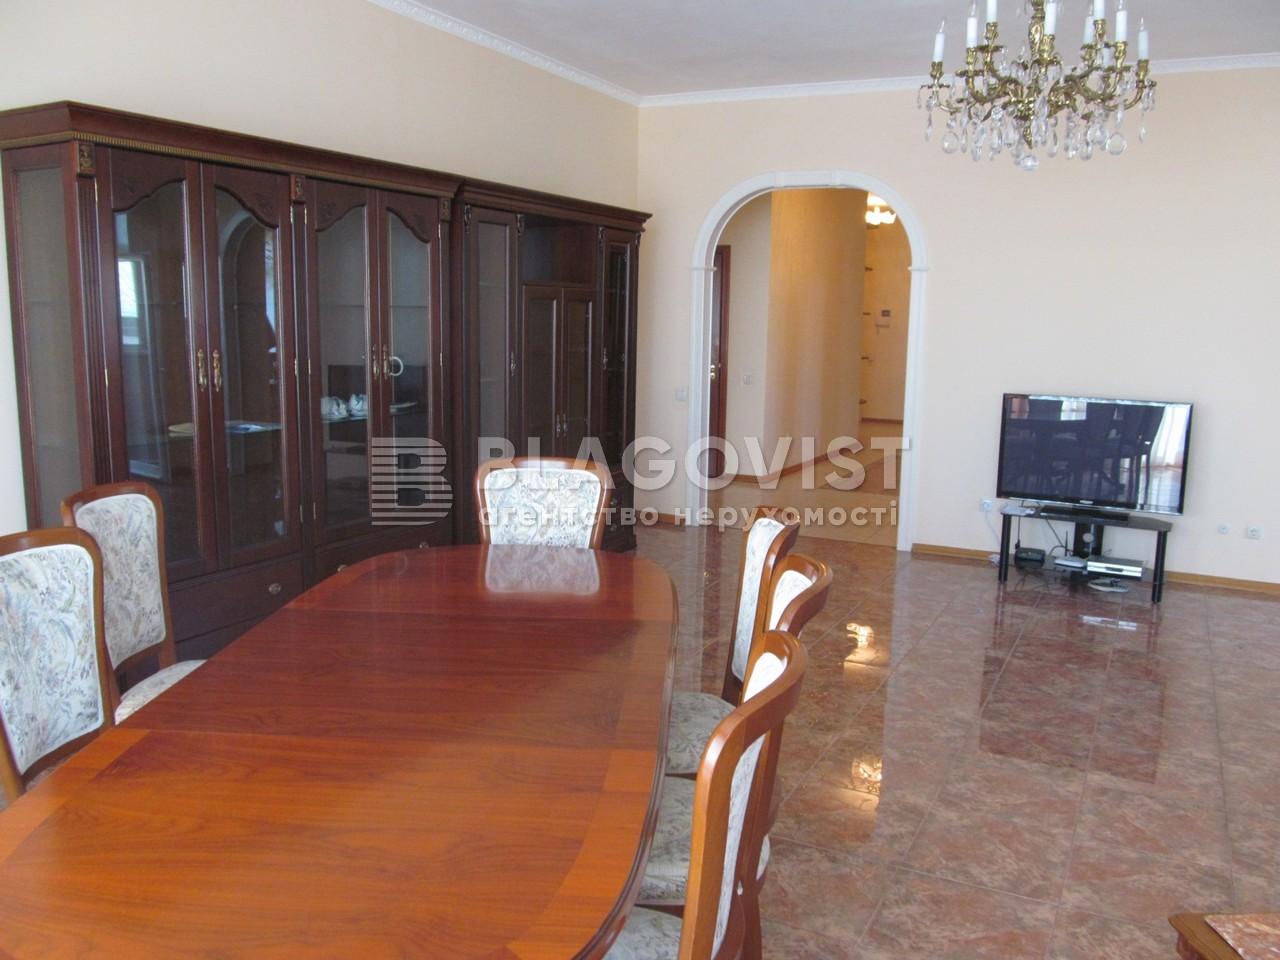 Квартира A-45986, Лескова, 1а, Киев - Фото 9